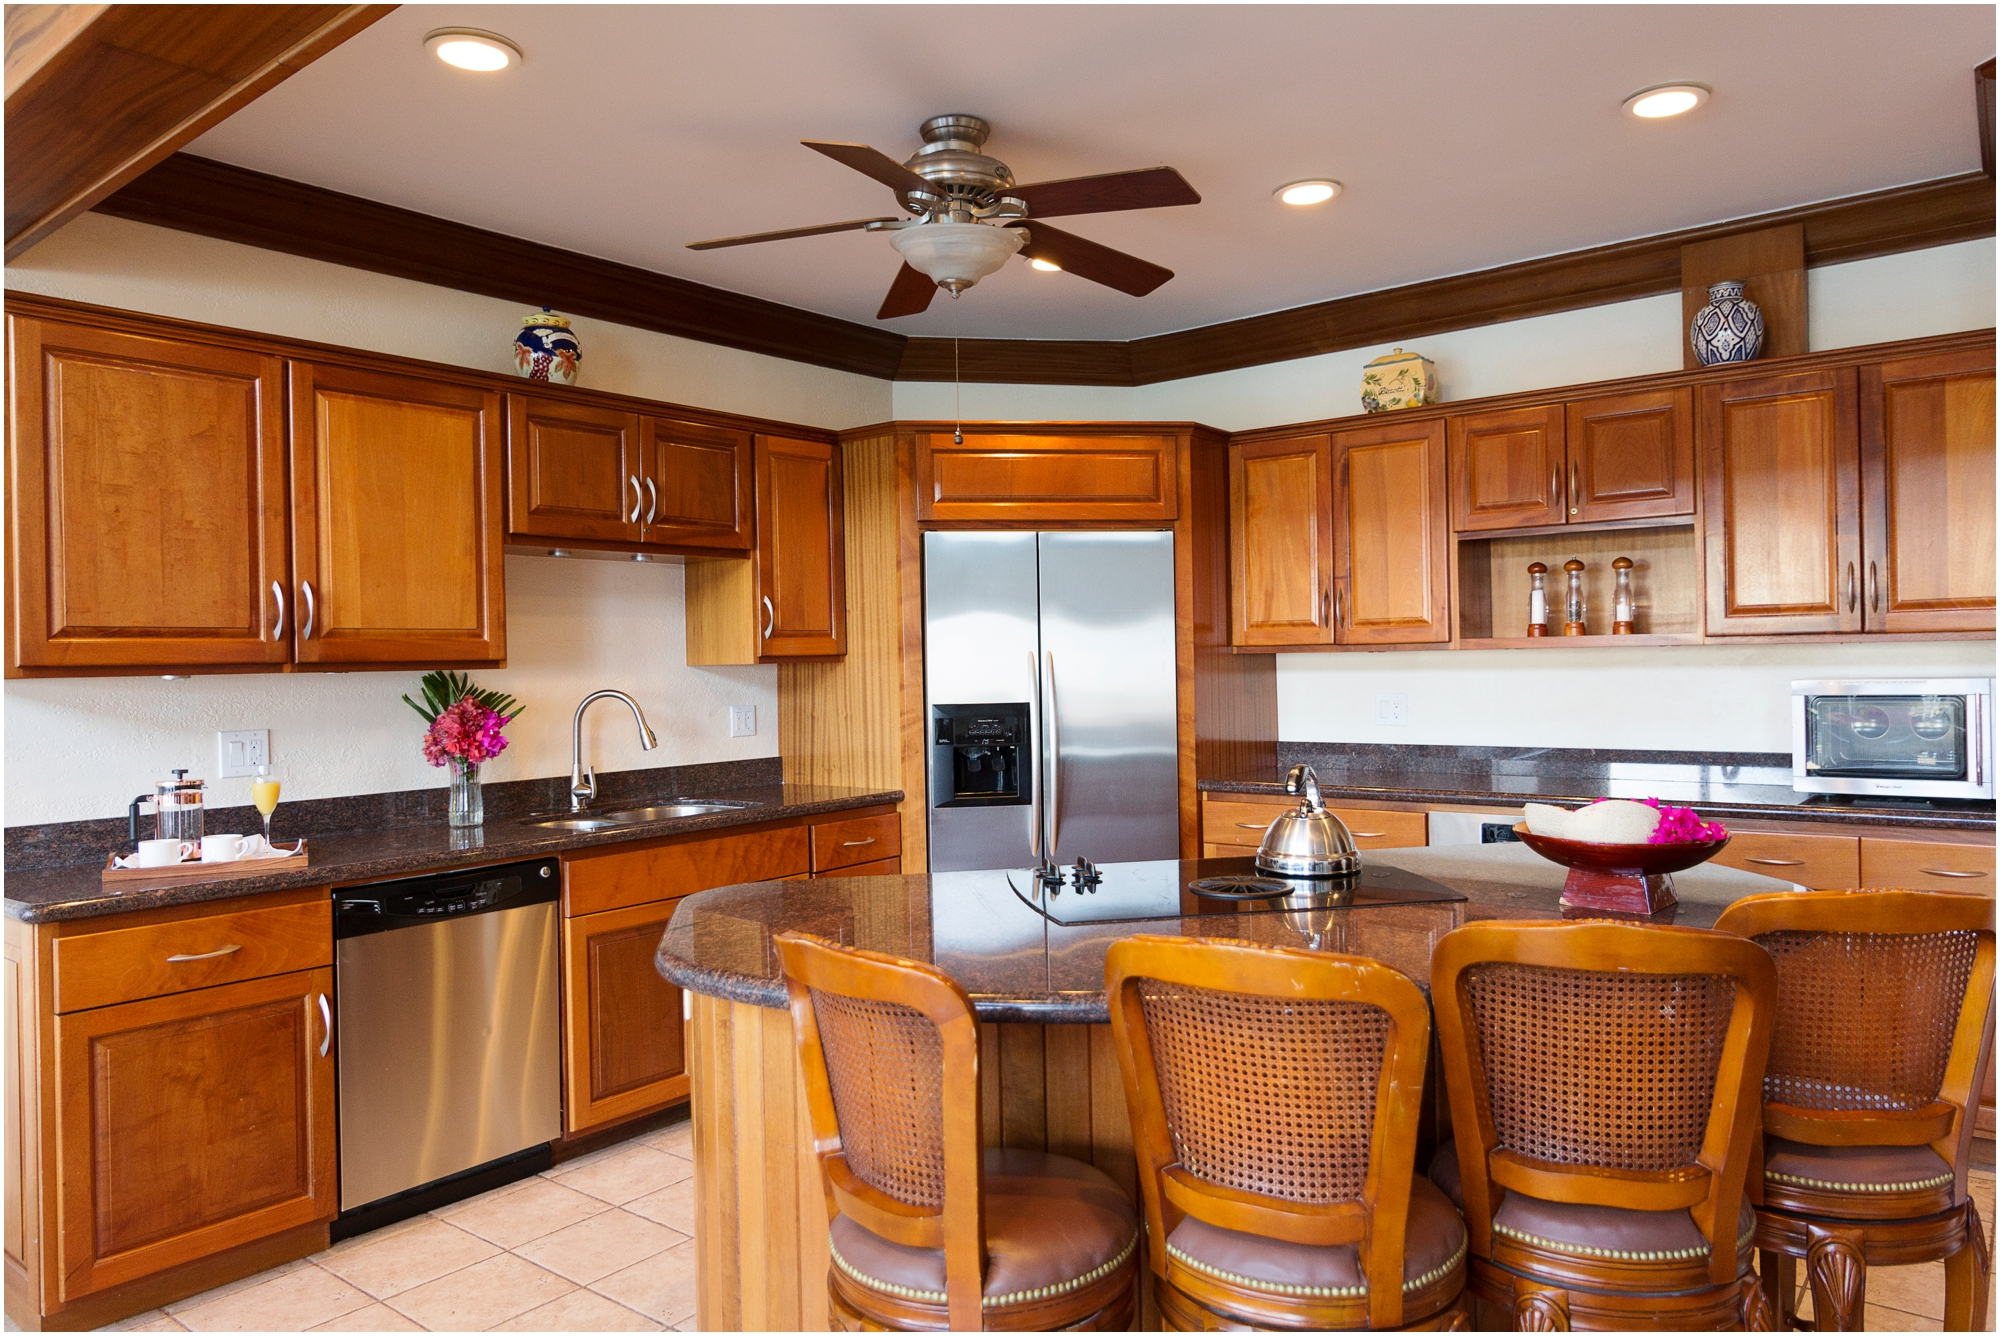 Villa St John kitchen 1.jpg